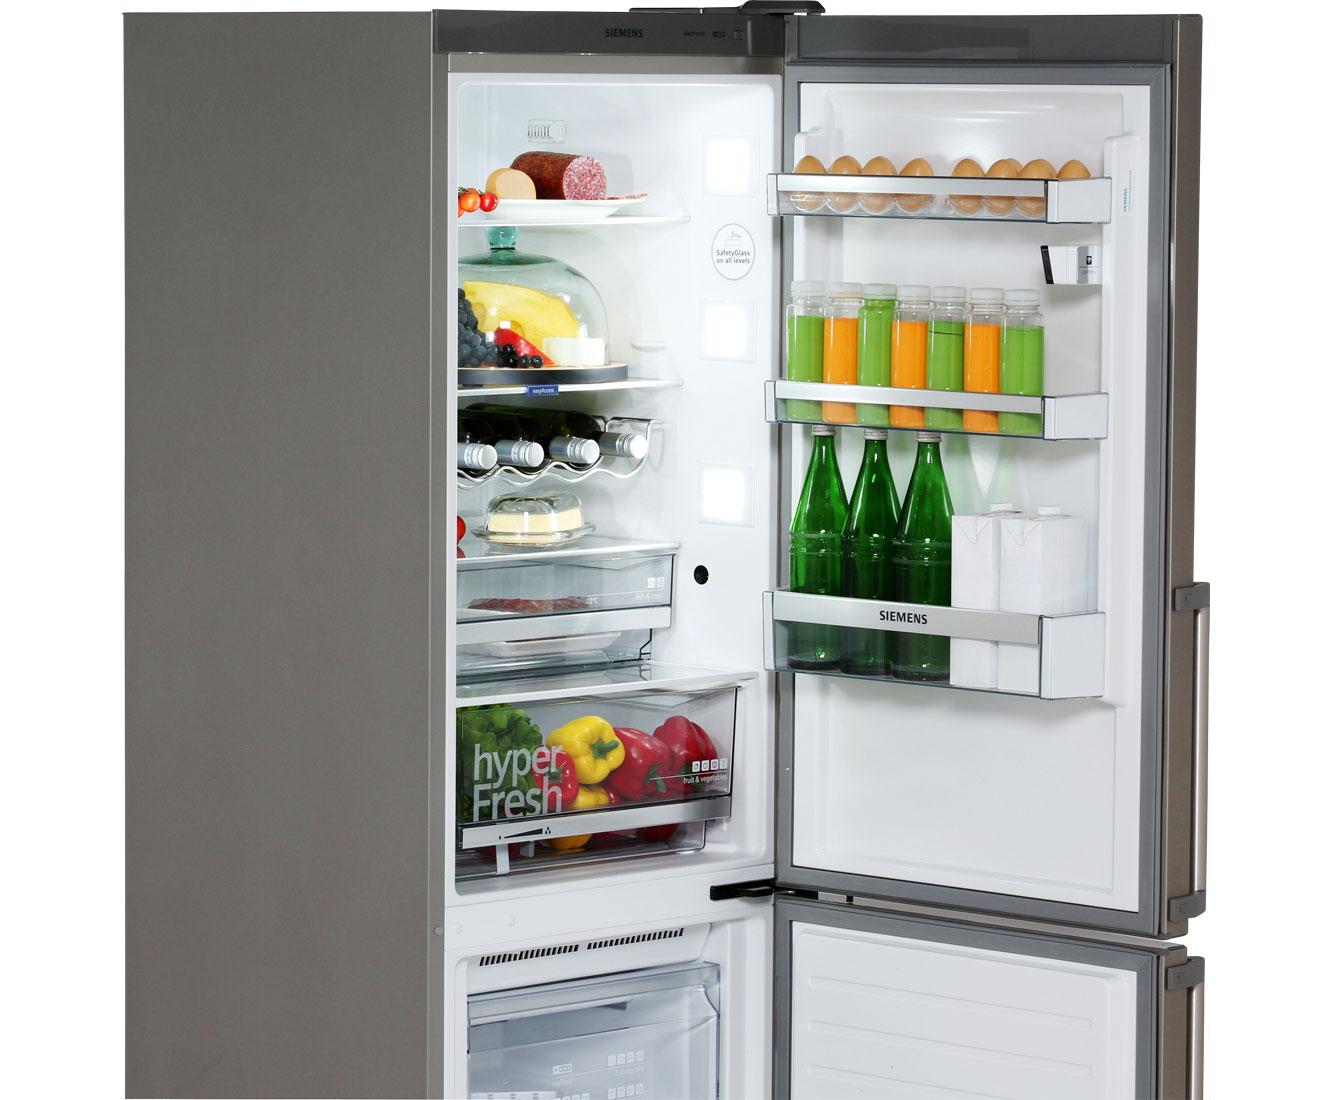 Siemens Kühlschrank Groß : Siemens iq kg nhi kühl gefrierkombination mit no frost mit